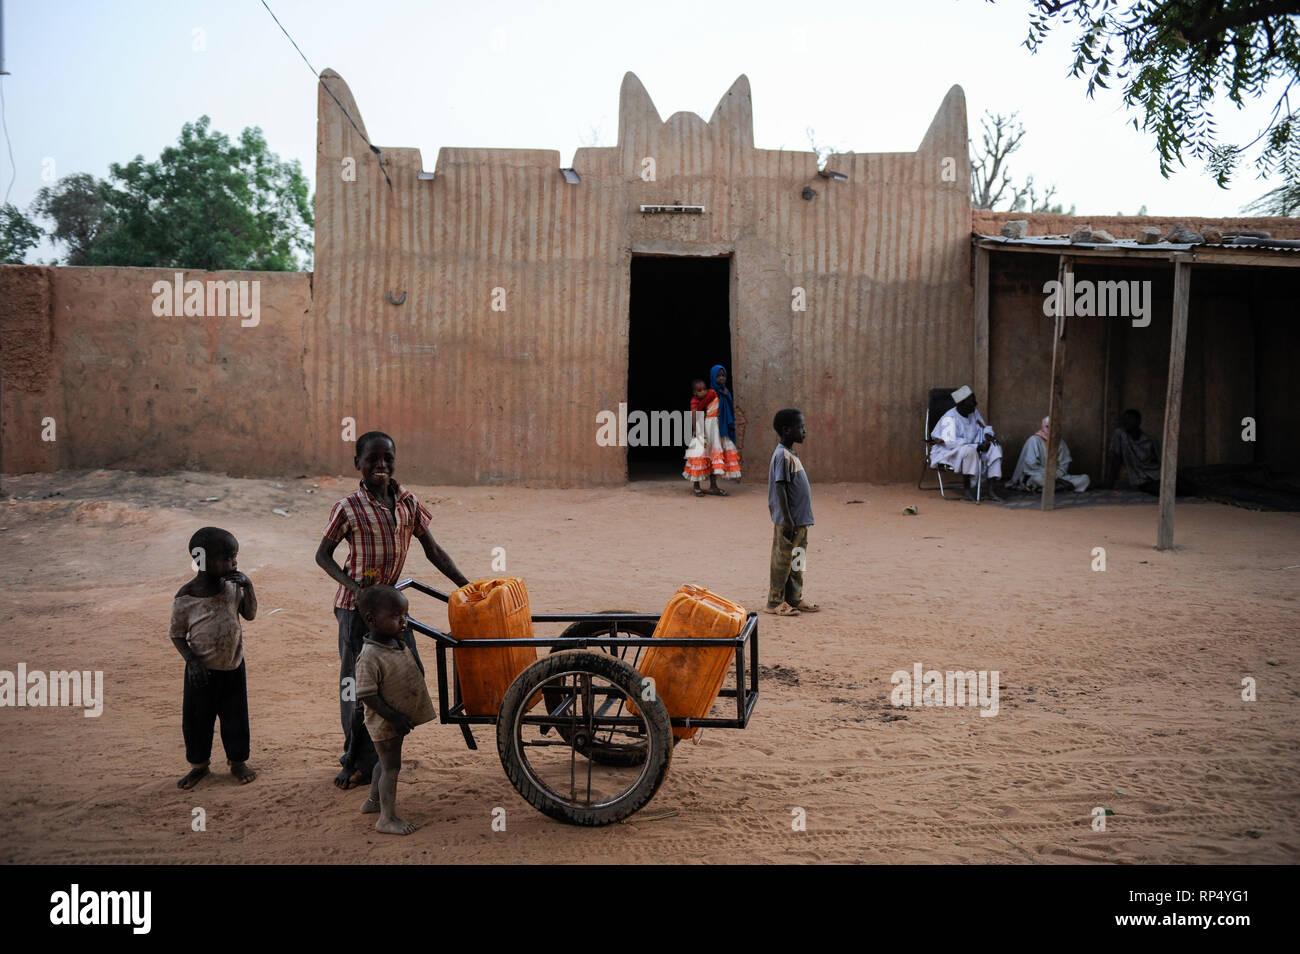 NIGER , Sahel, Zinder, mosque and water supply in village BABAN TAPKI / Wasserversorgung, Dorfbewohner holen Wasser von einem Brunnen Stock Photo